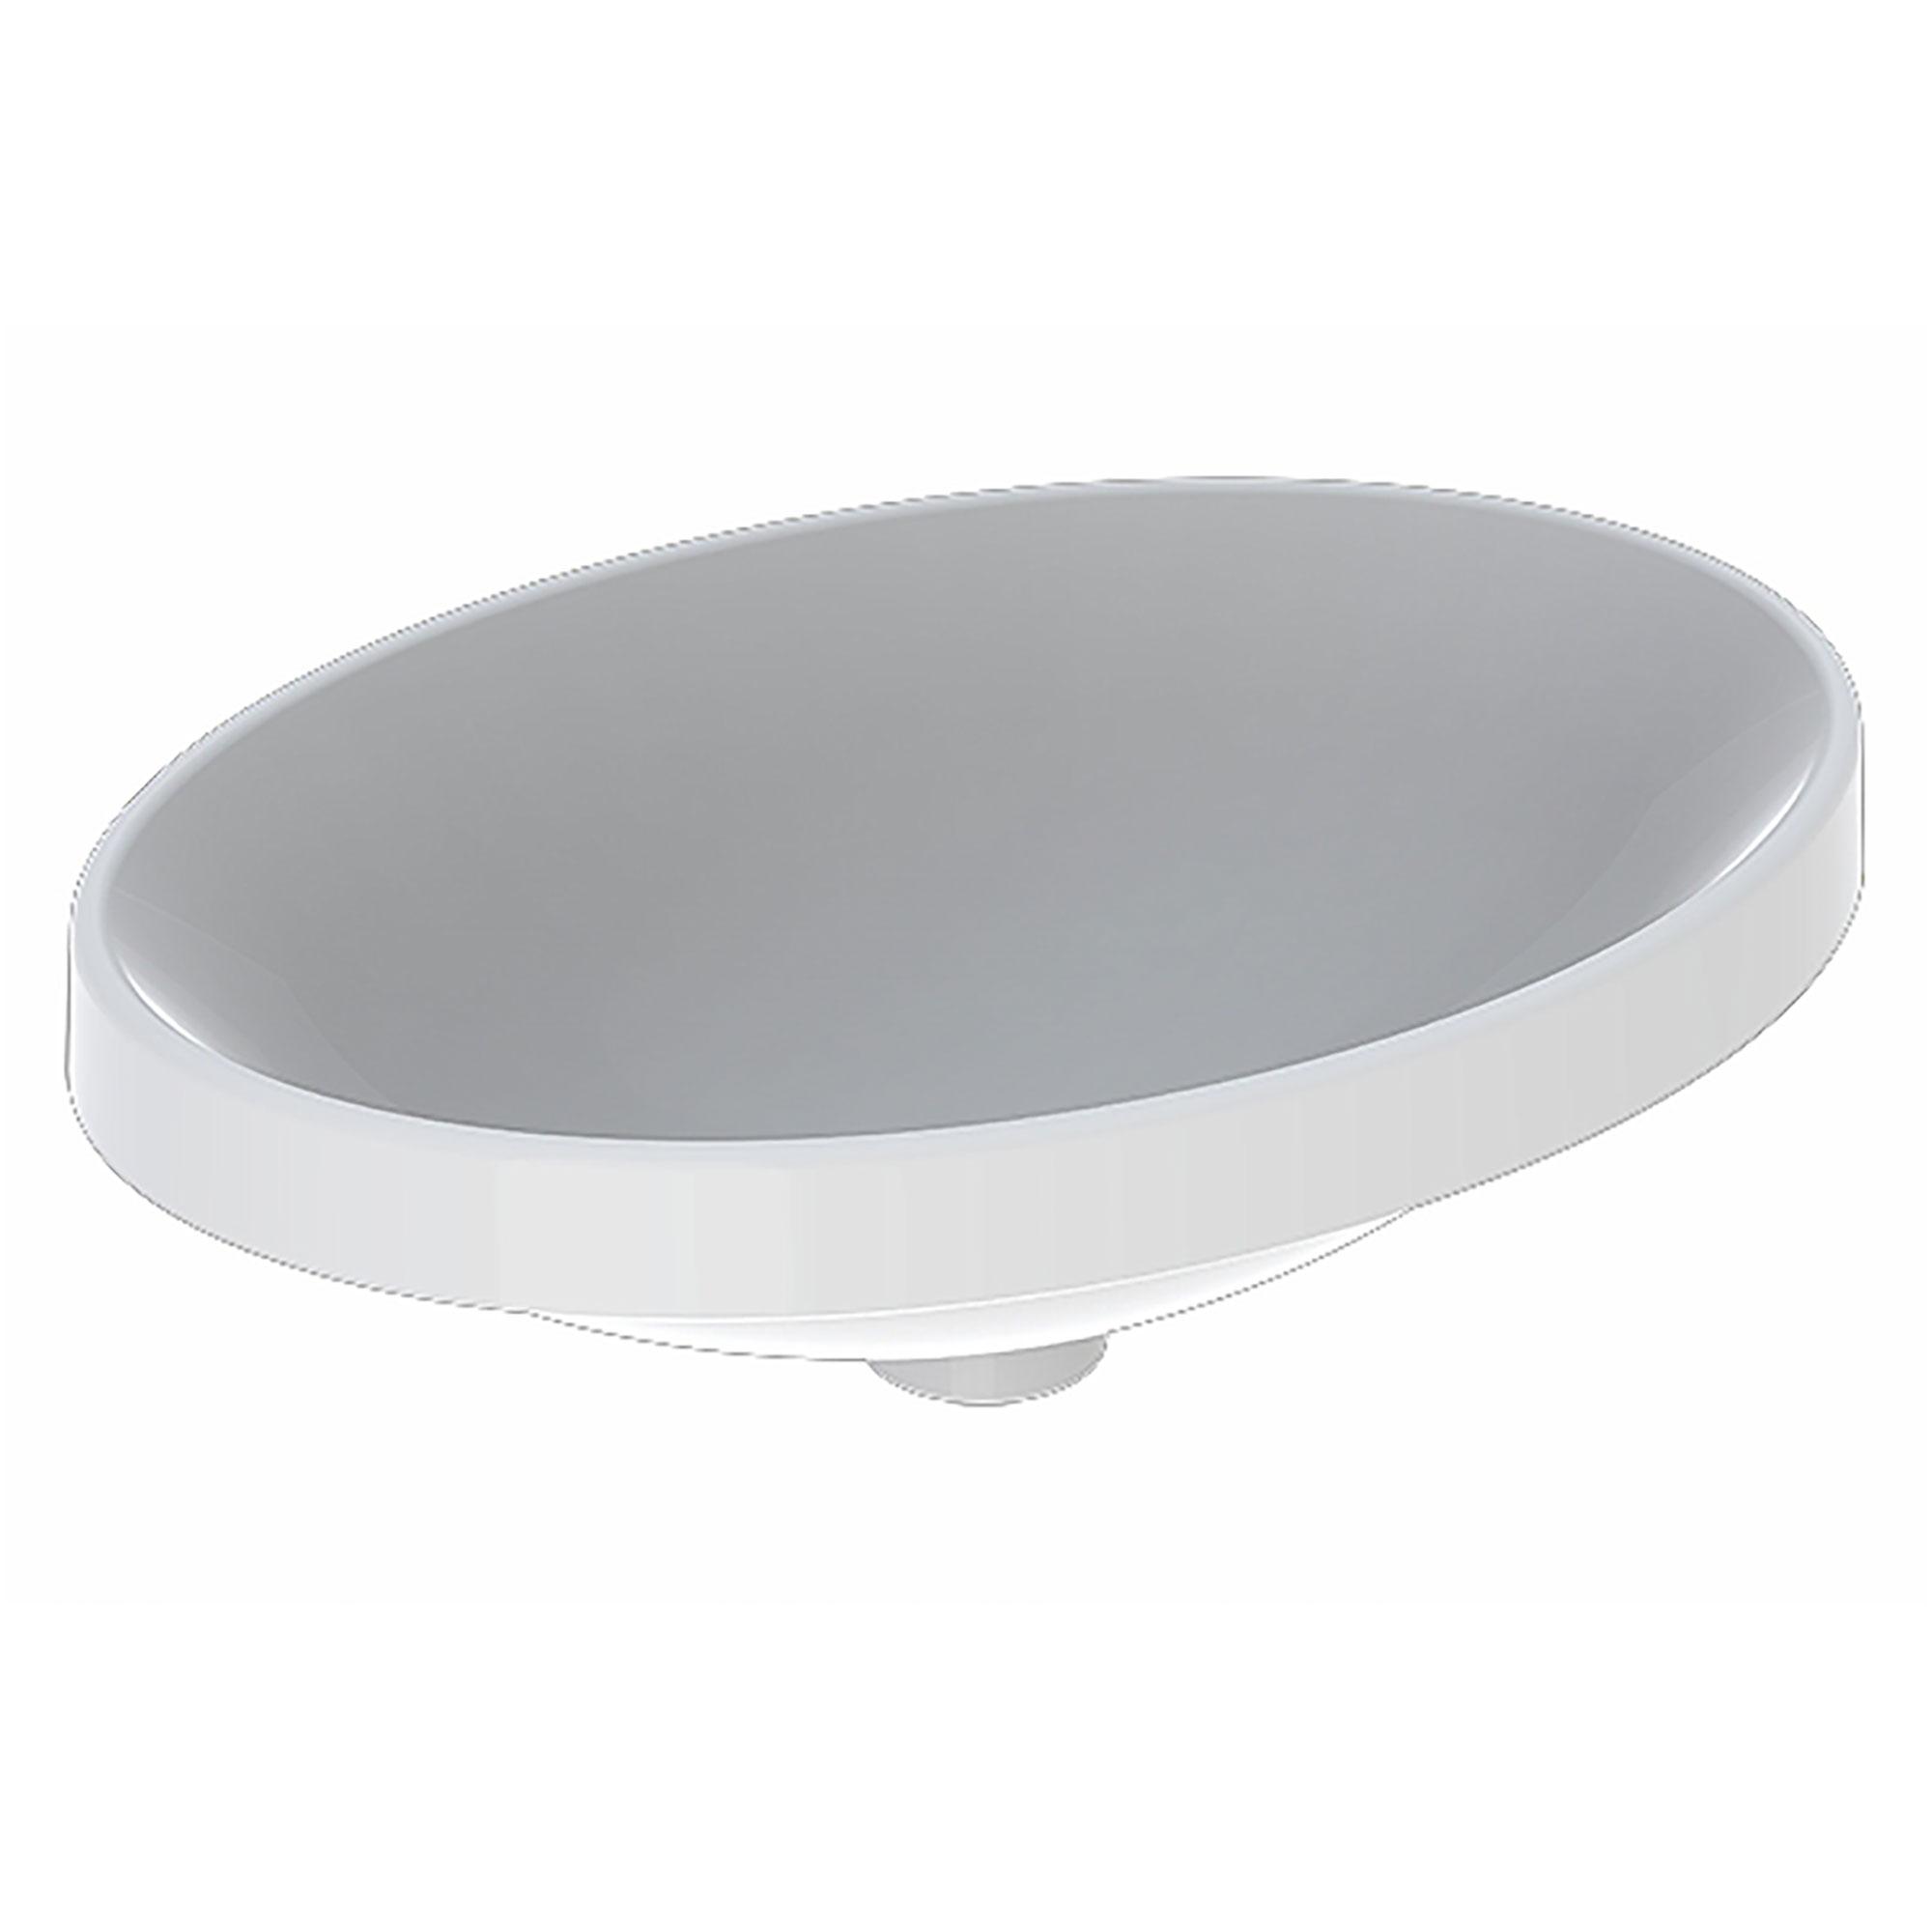 Tvättställ Ifö Variform 550 mm Infälld Ovalt